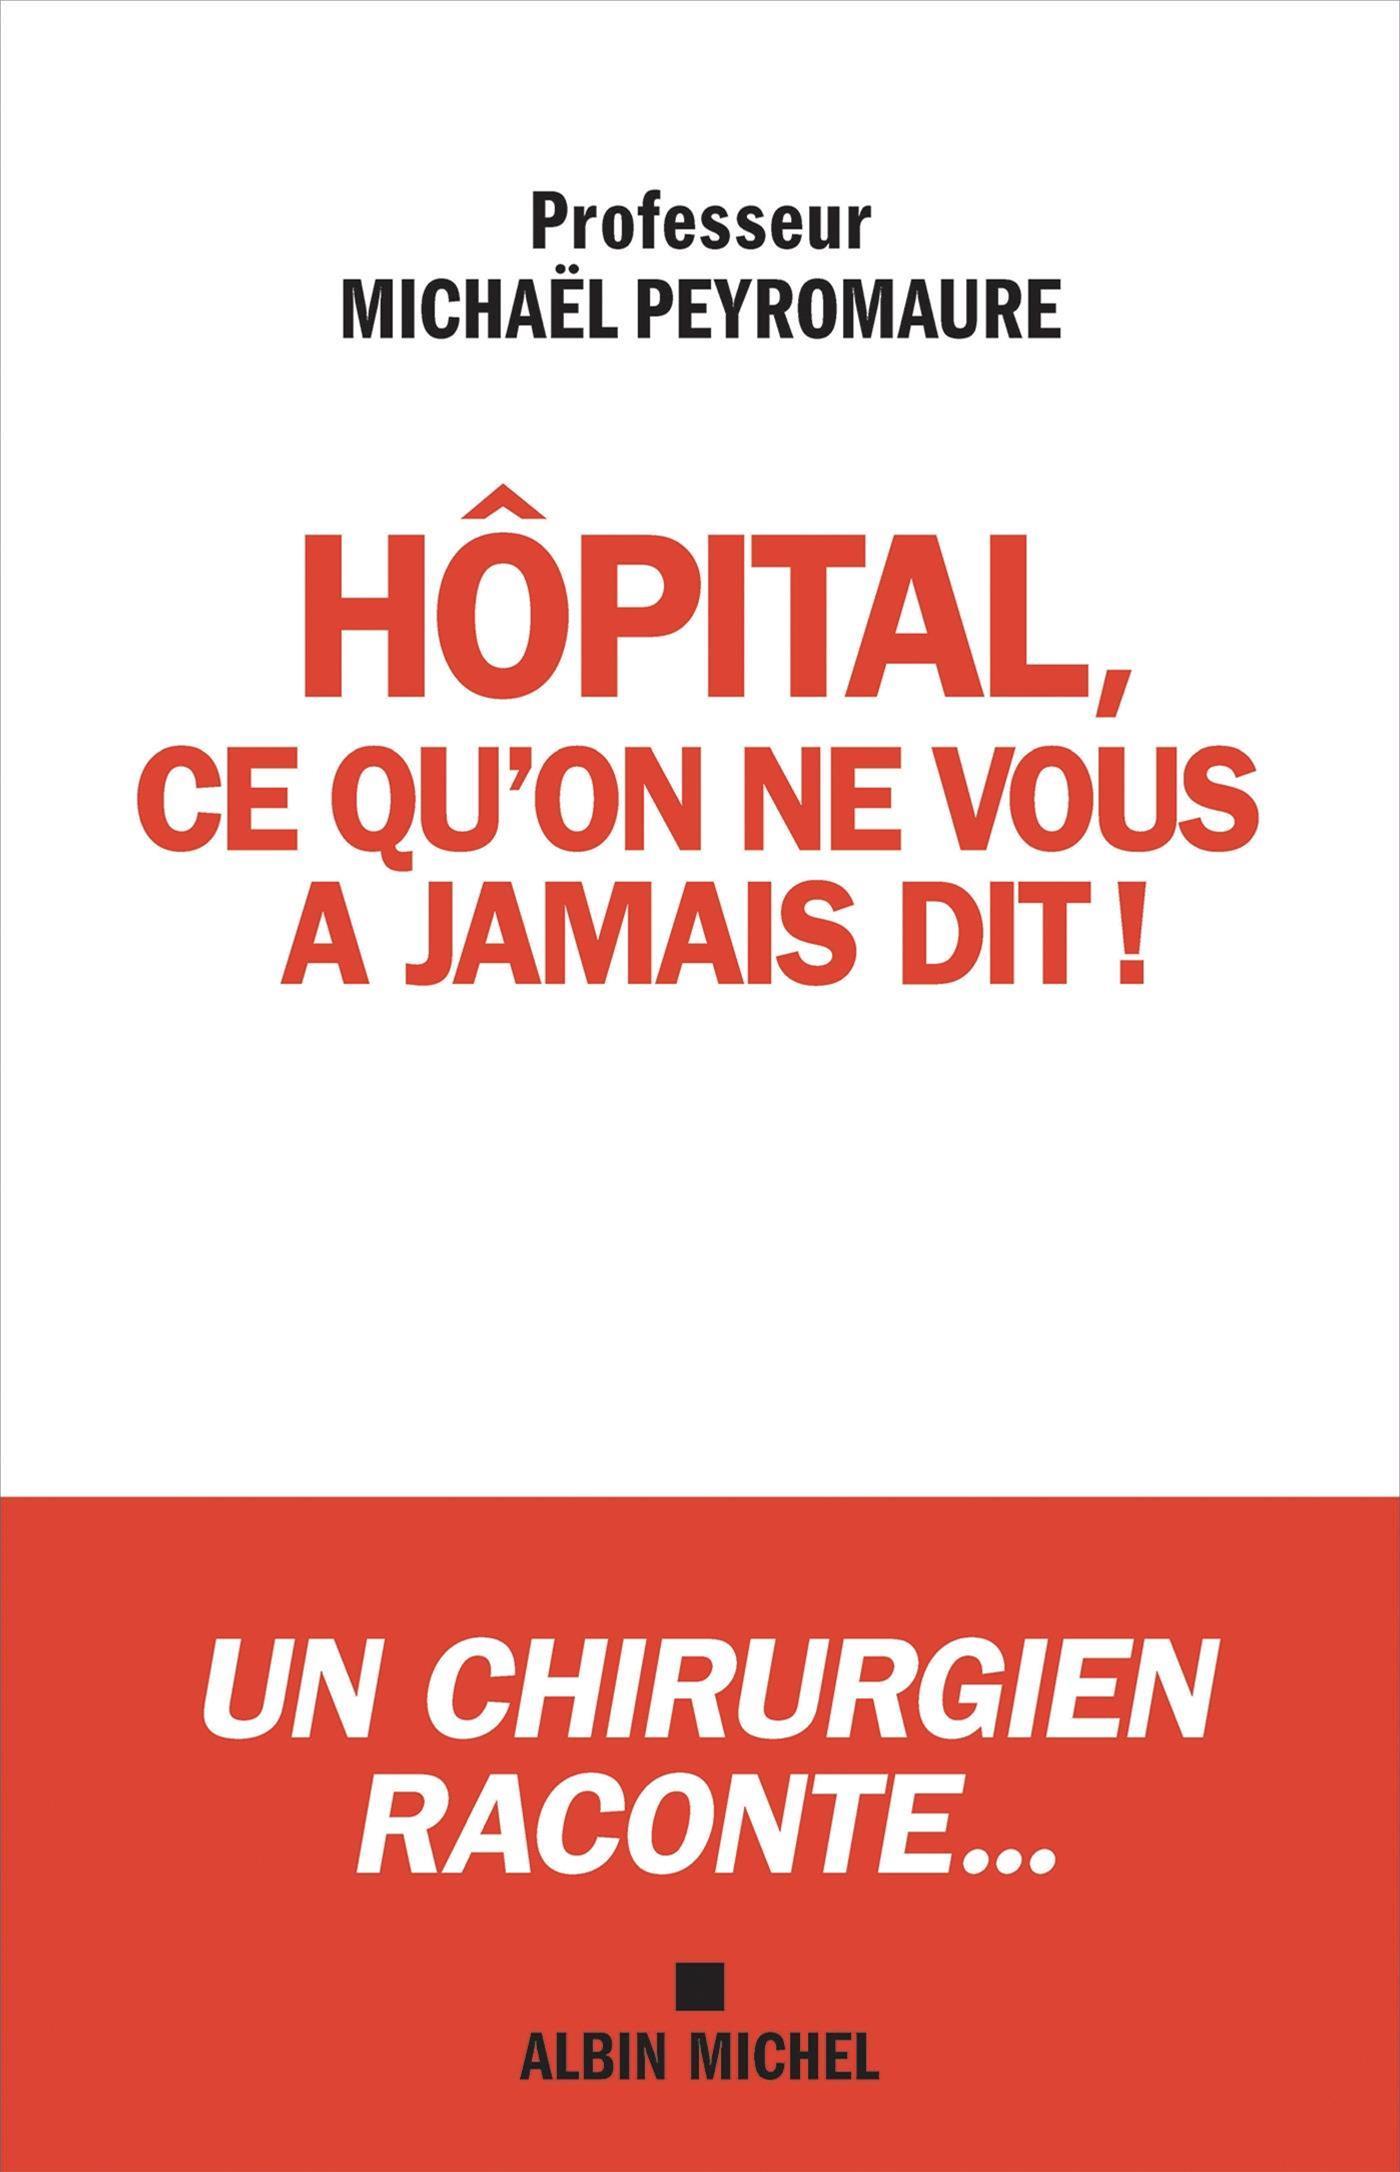 Hôpital ce qu'on ne vous a jamais dit...